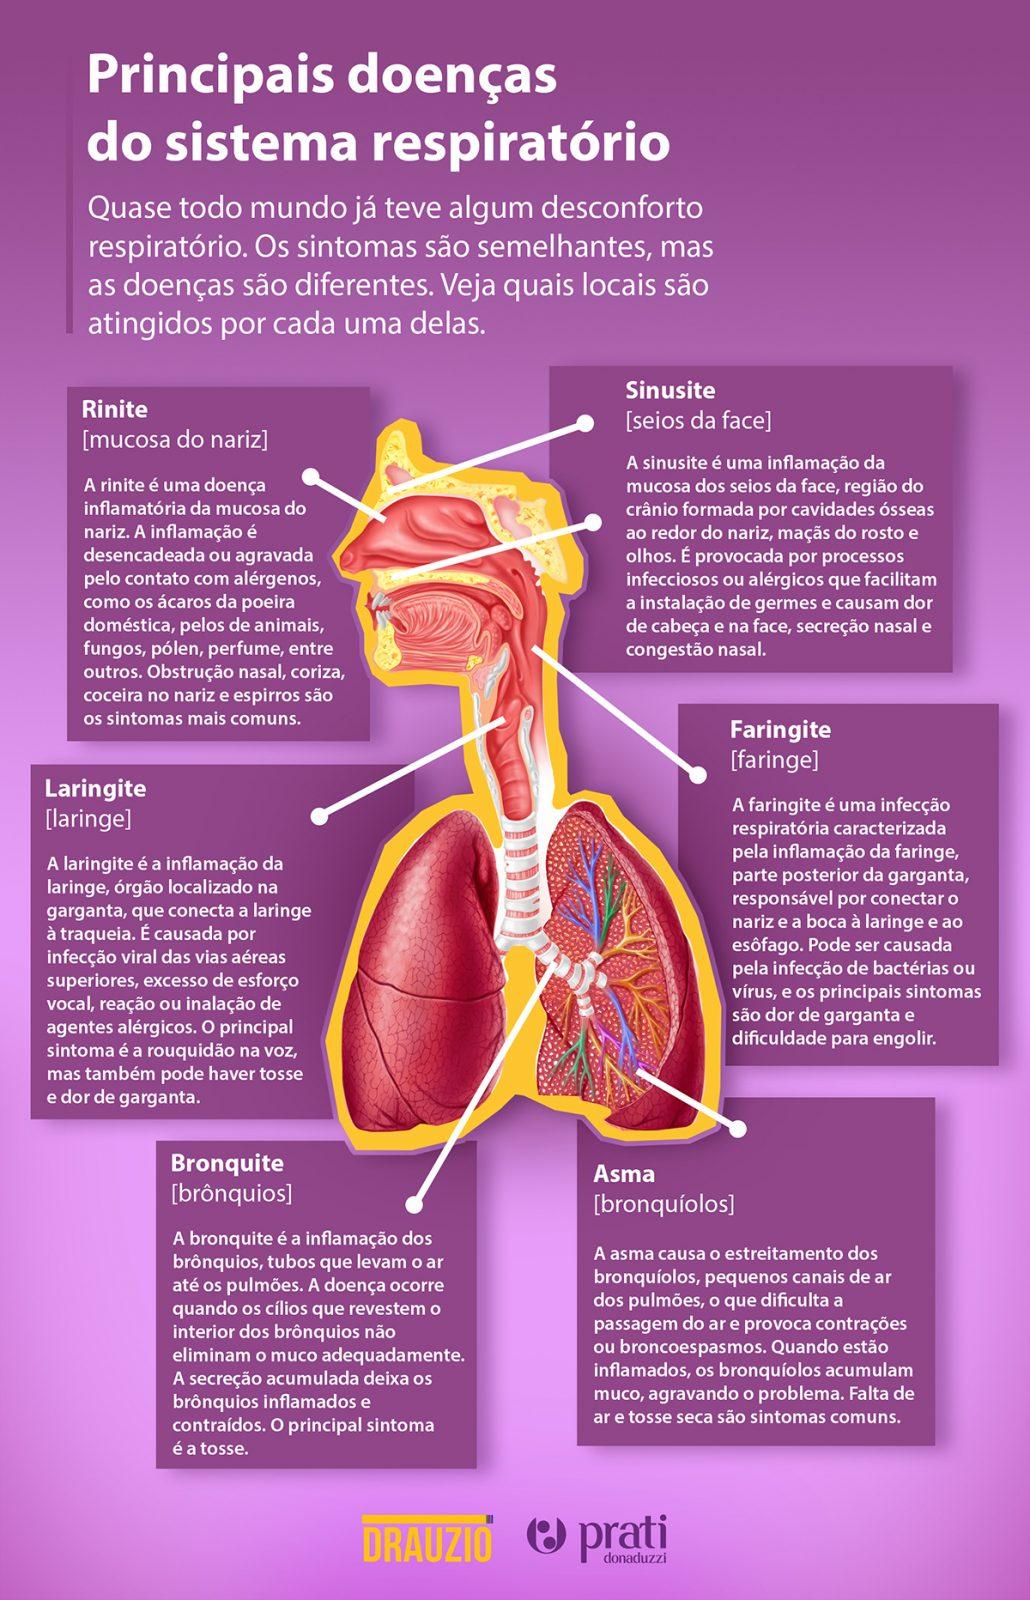 Infográfico com as principais doenças respiratórias, rinite, sinusite, laringite, faringite, bronquite e asma.